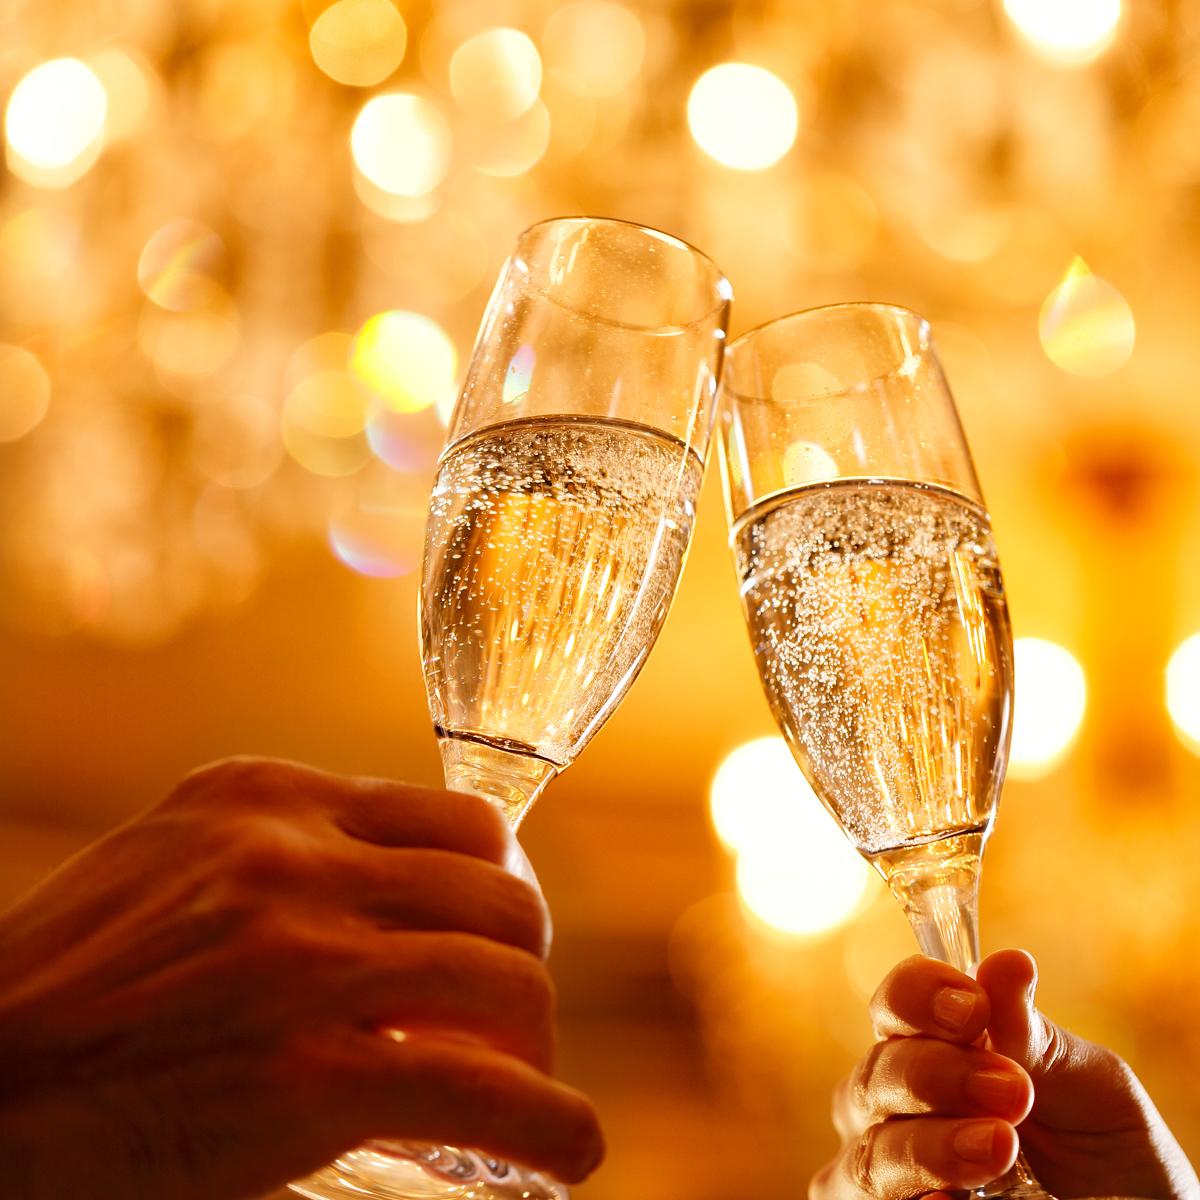 アドリブで伝えてもOK!結婚式当日の挨拶の心得について新着情報イメージ1